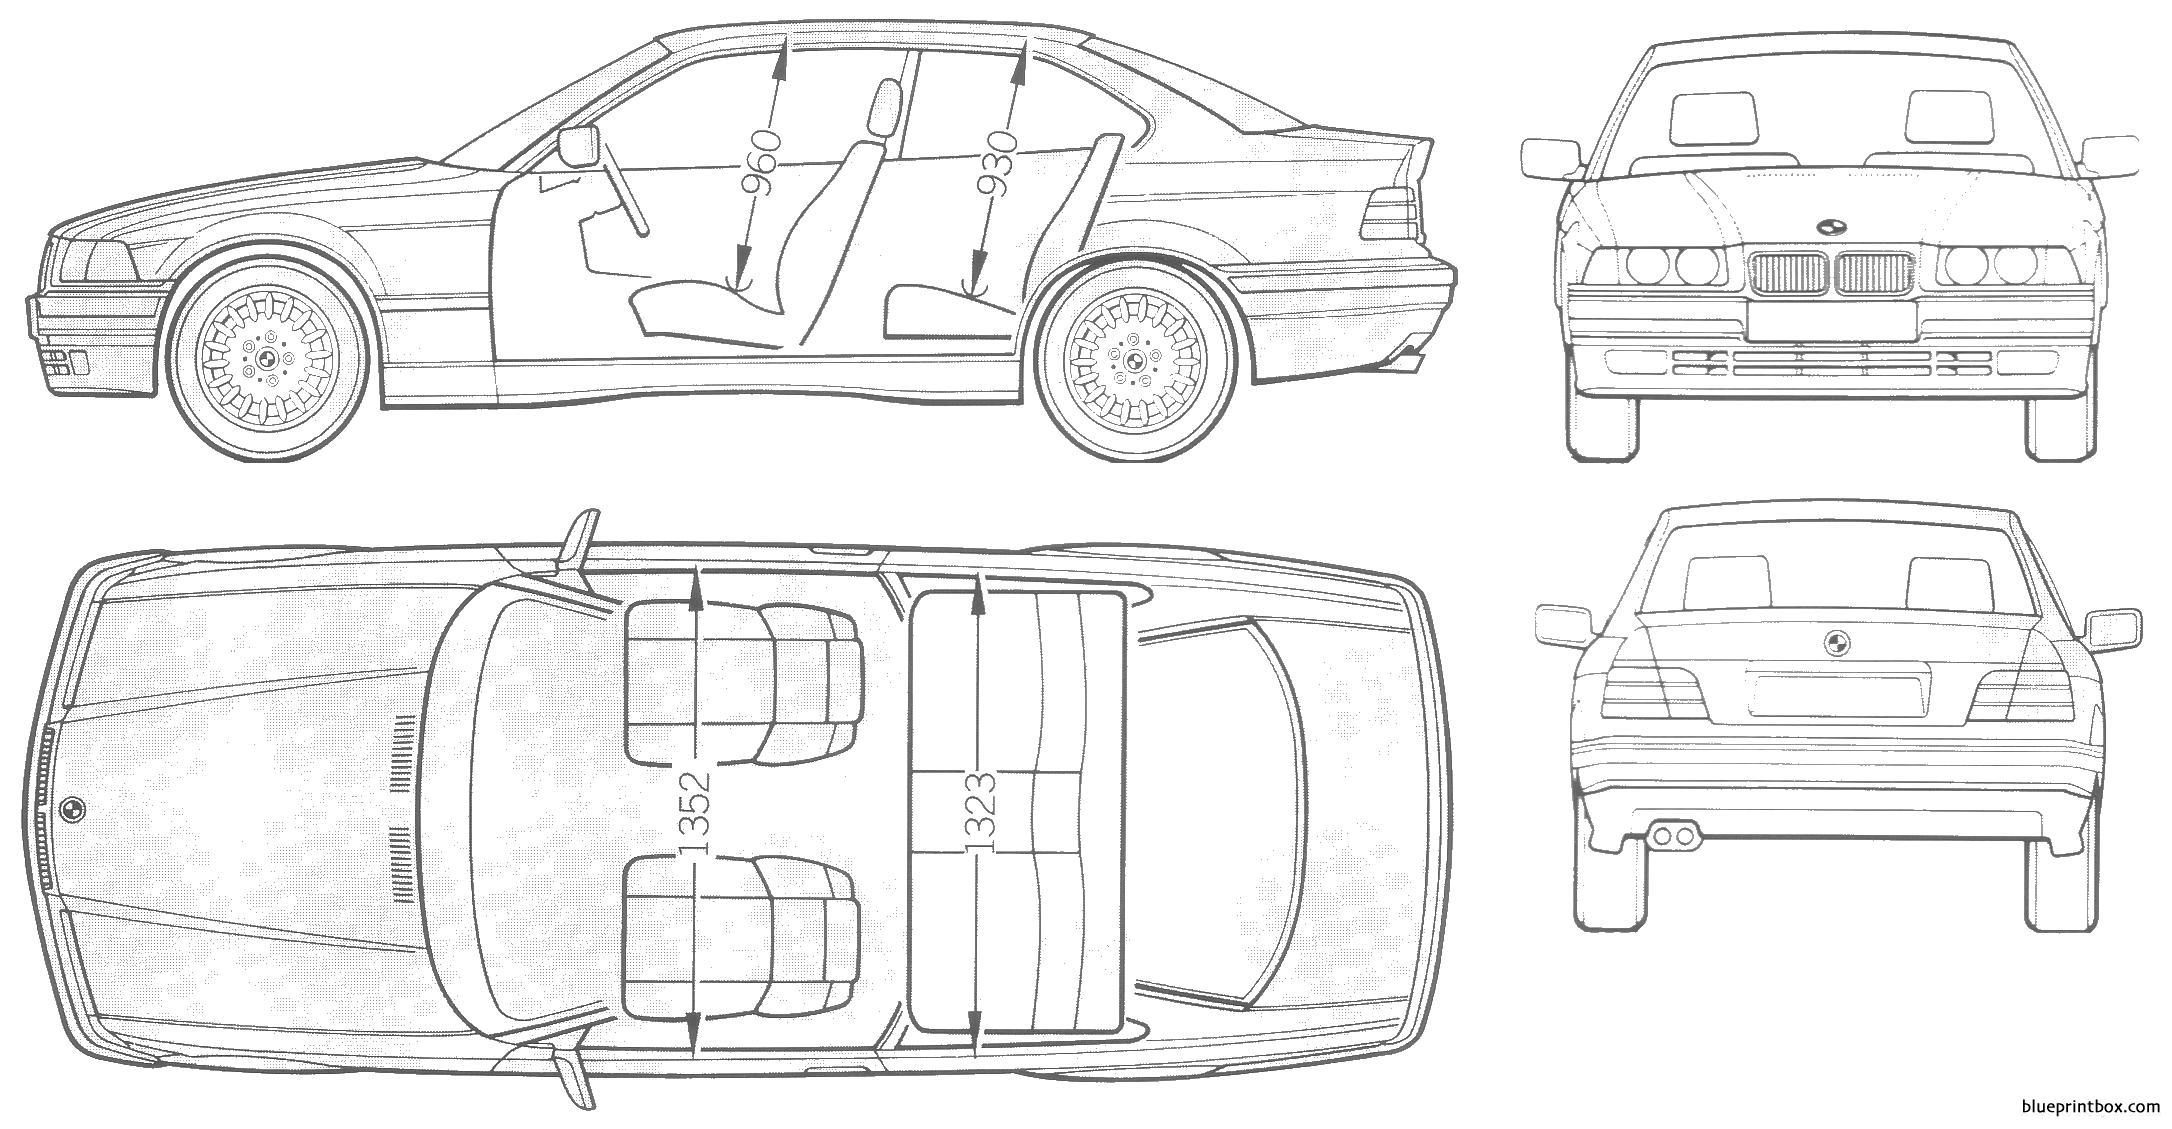 Bmw 3 Coupe E36 - Blueprintbox Com